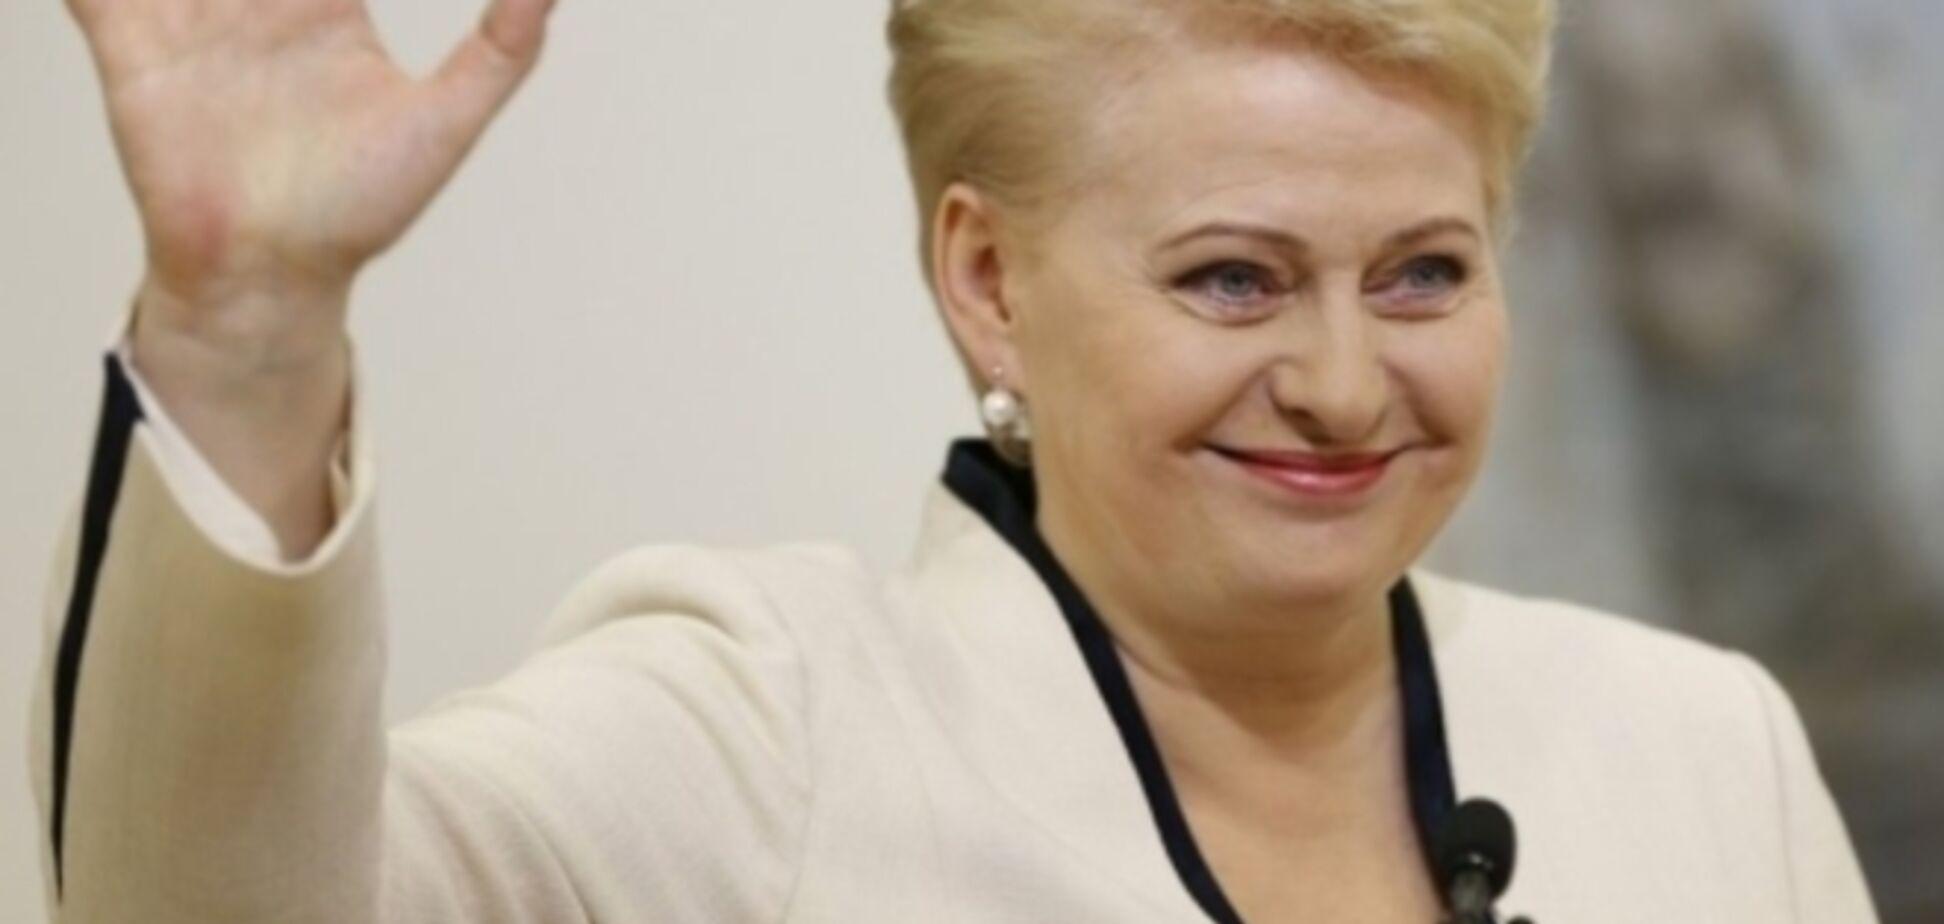 Президент Литвы Даля Грибаускайте без селфи не может сходить даже в супермаркет